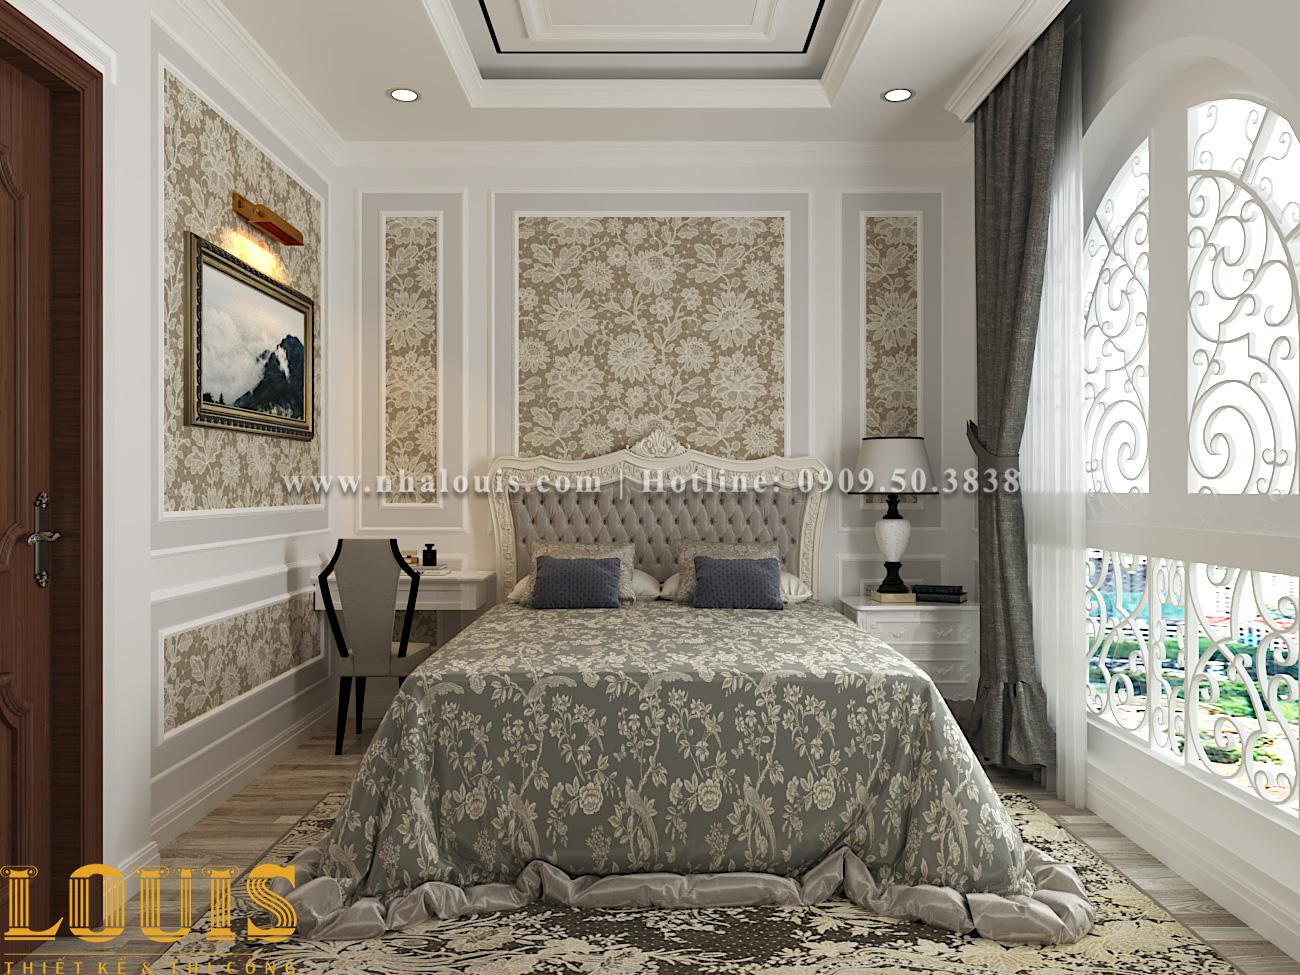 Phòng ngủ Mẫu nhà ống tân cổ điển 4 tầng tại Gò Vấp đẹp sang chảnh - 24